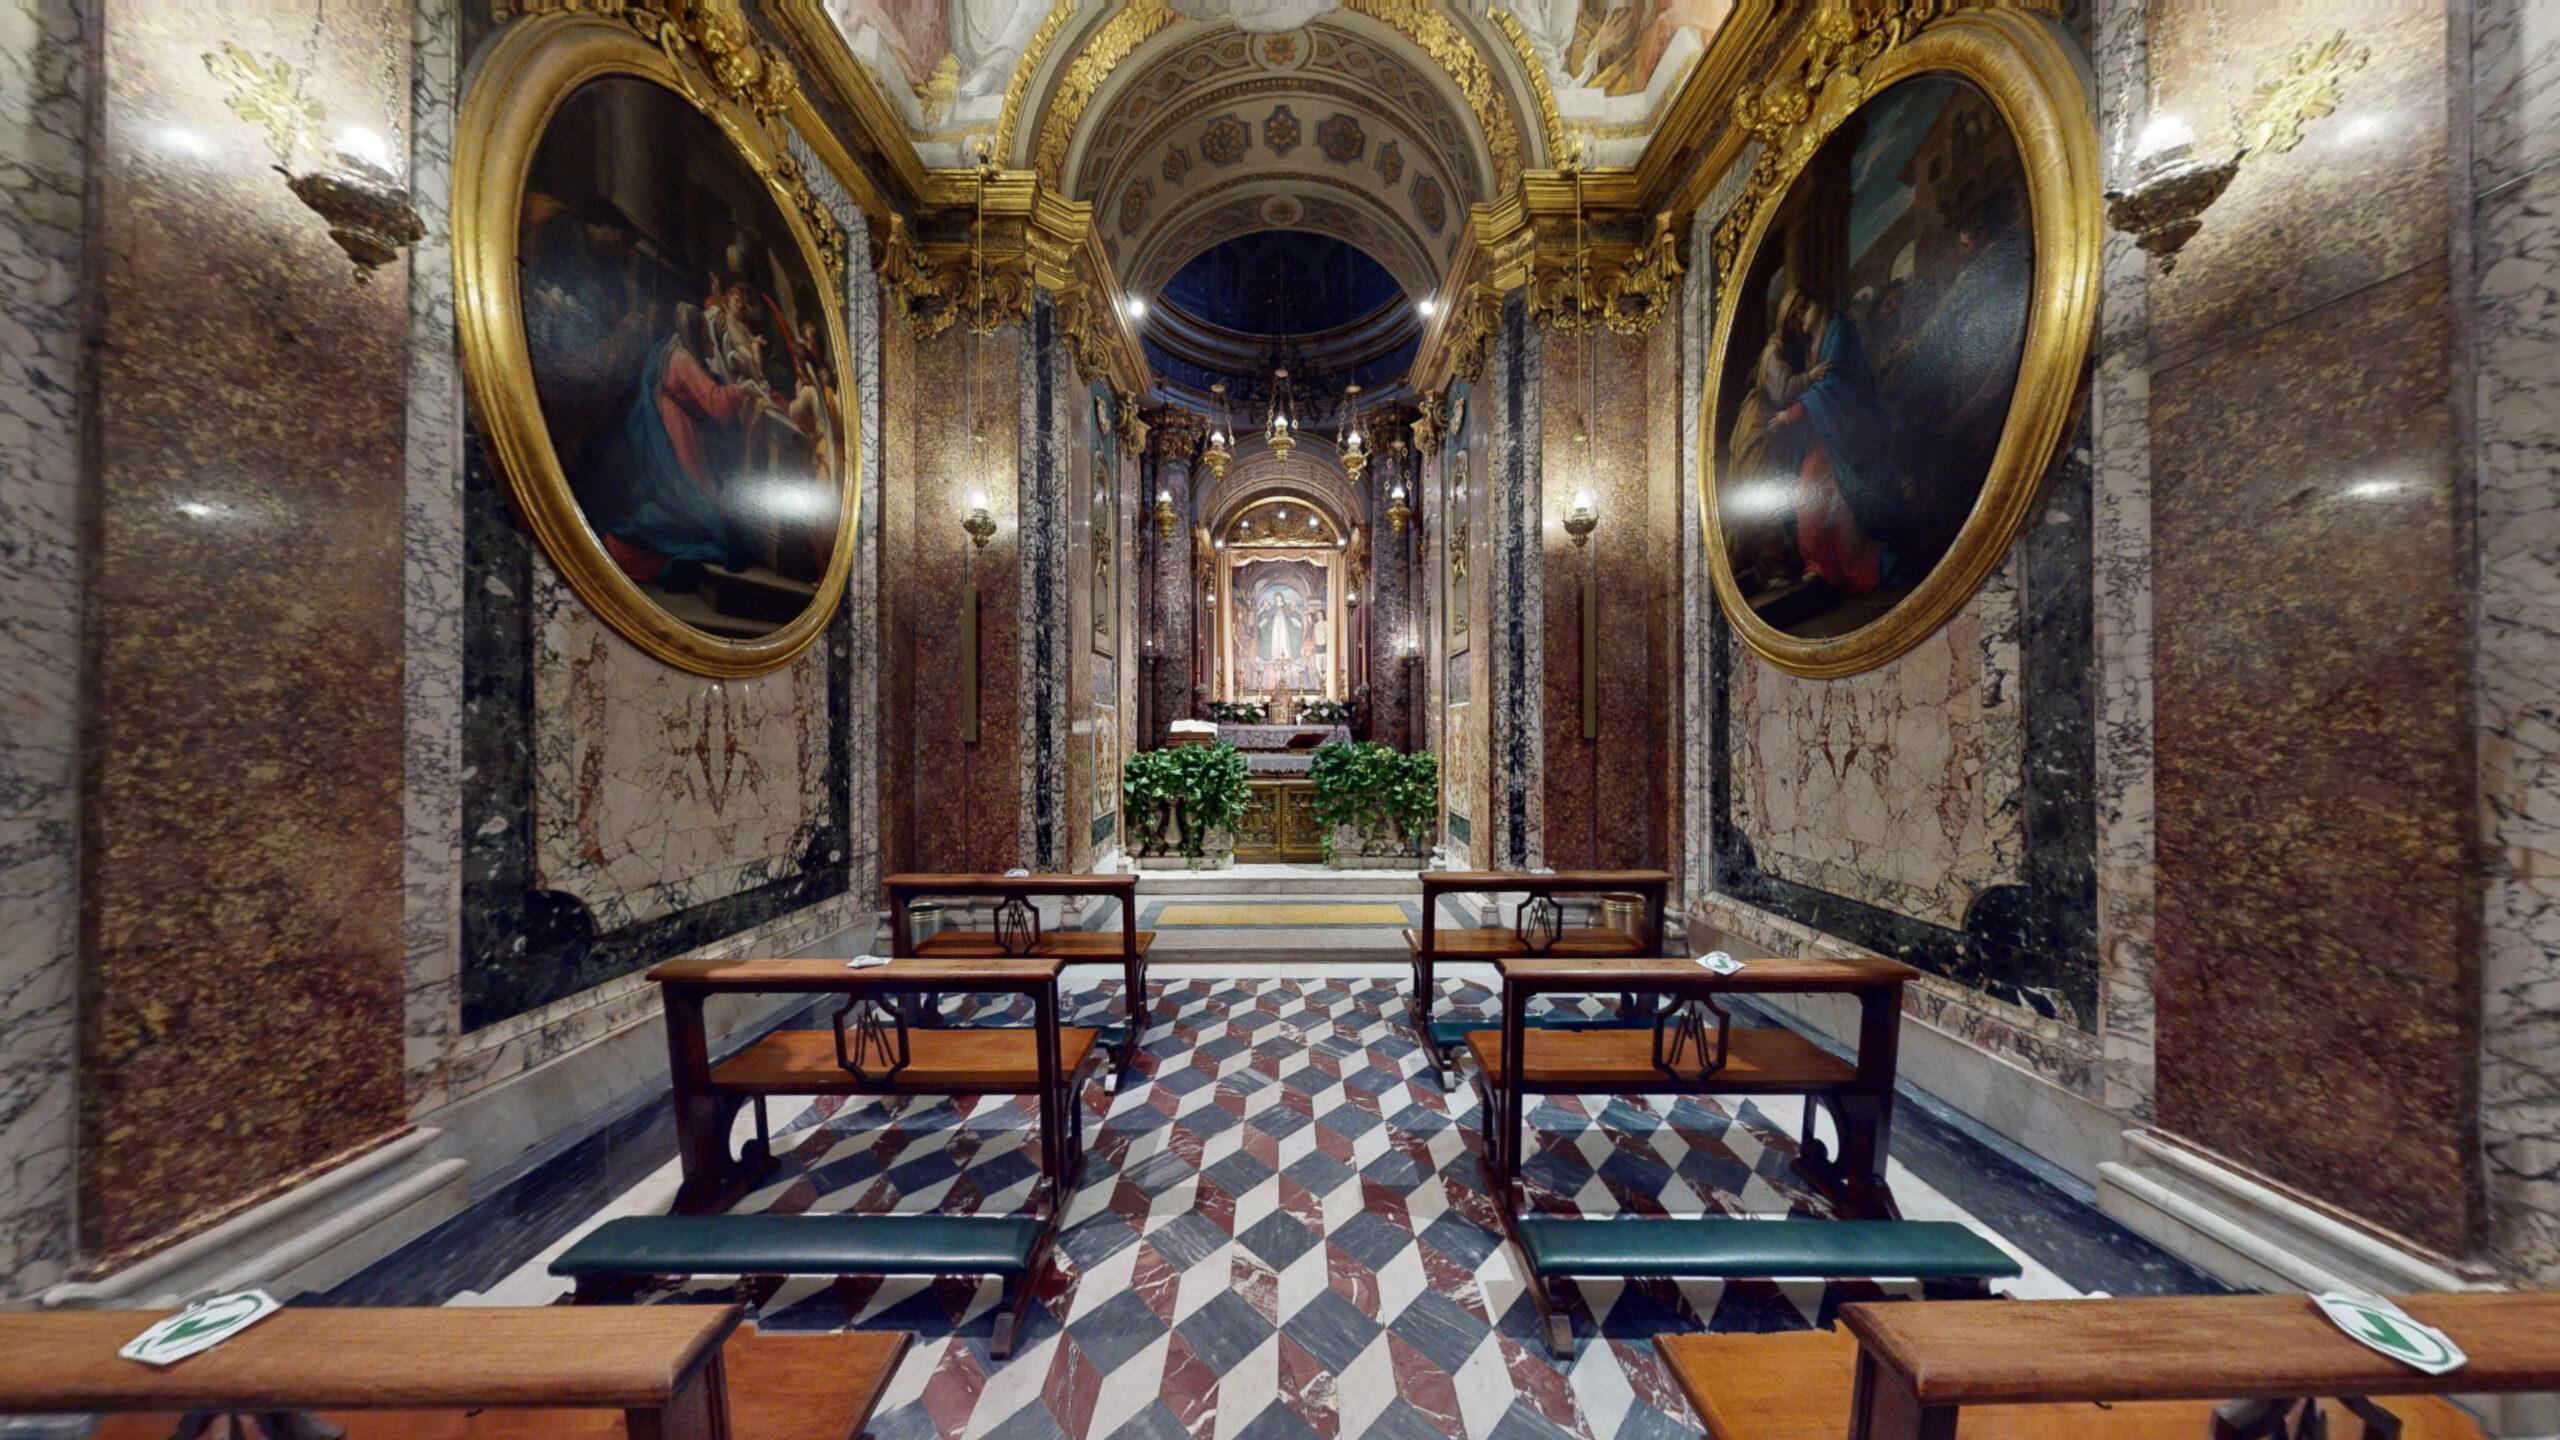 Basilica-Madonna-della-Misericordia-Macerata-Navata-centrale